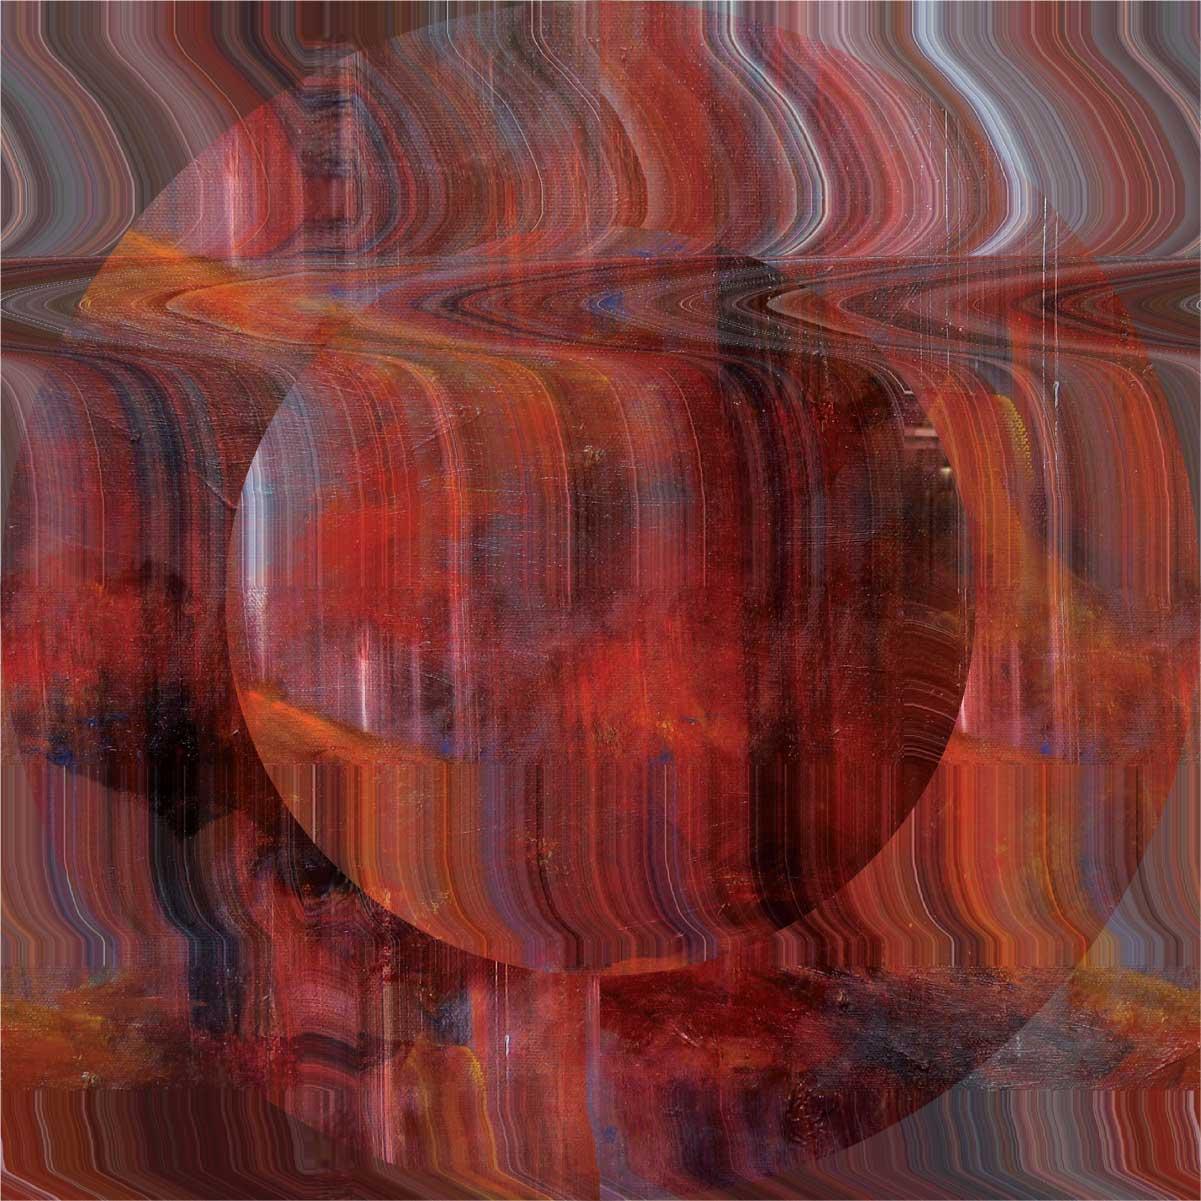 c1-glitch_06-14_oil1-03